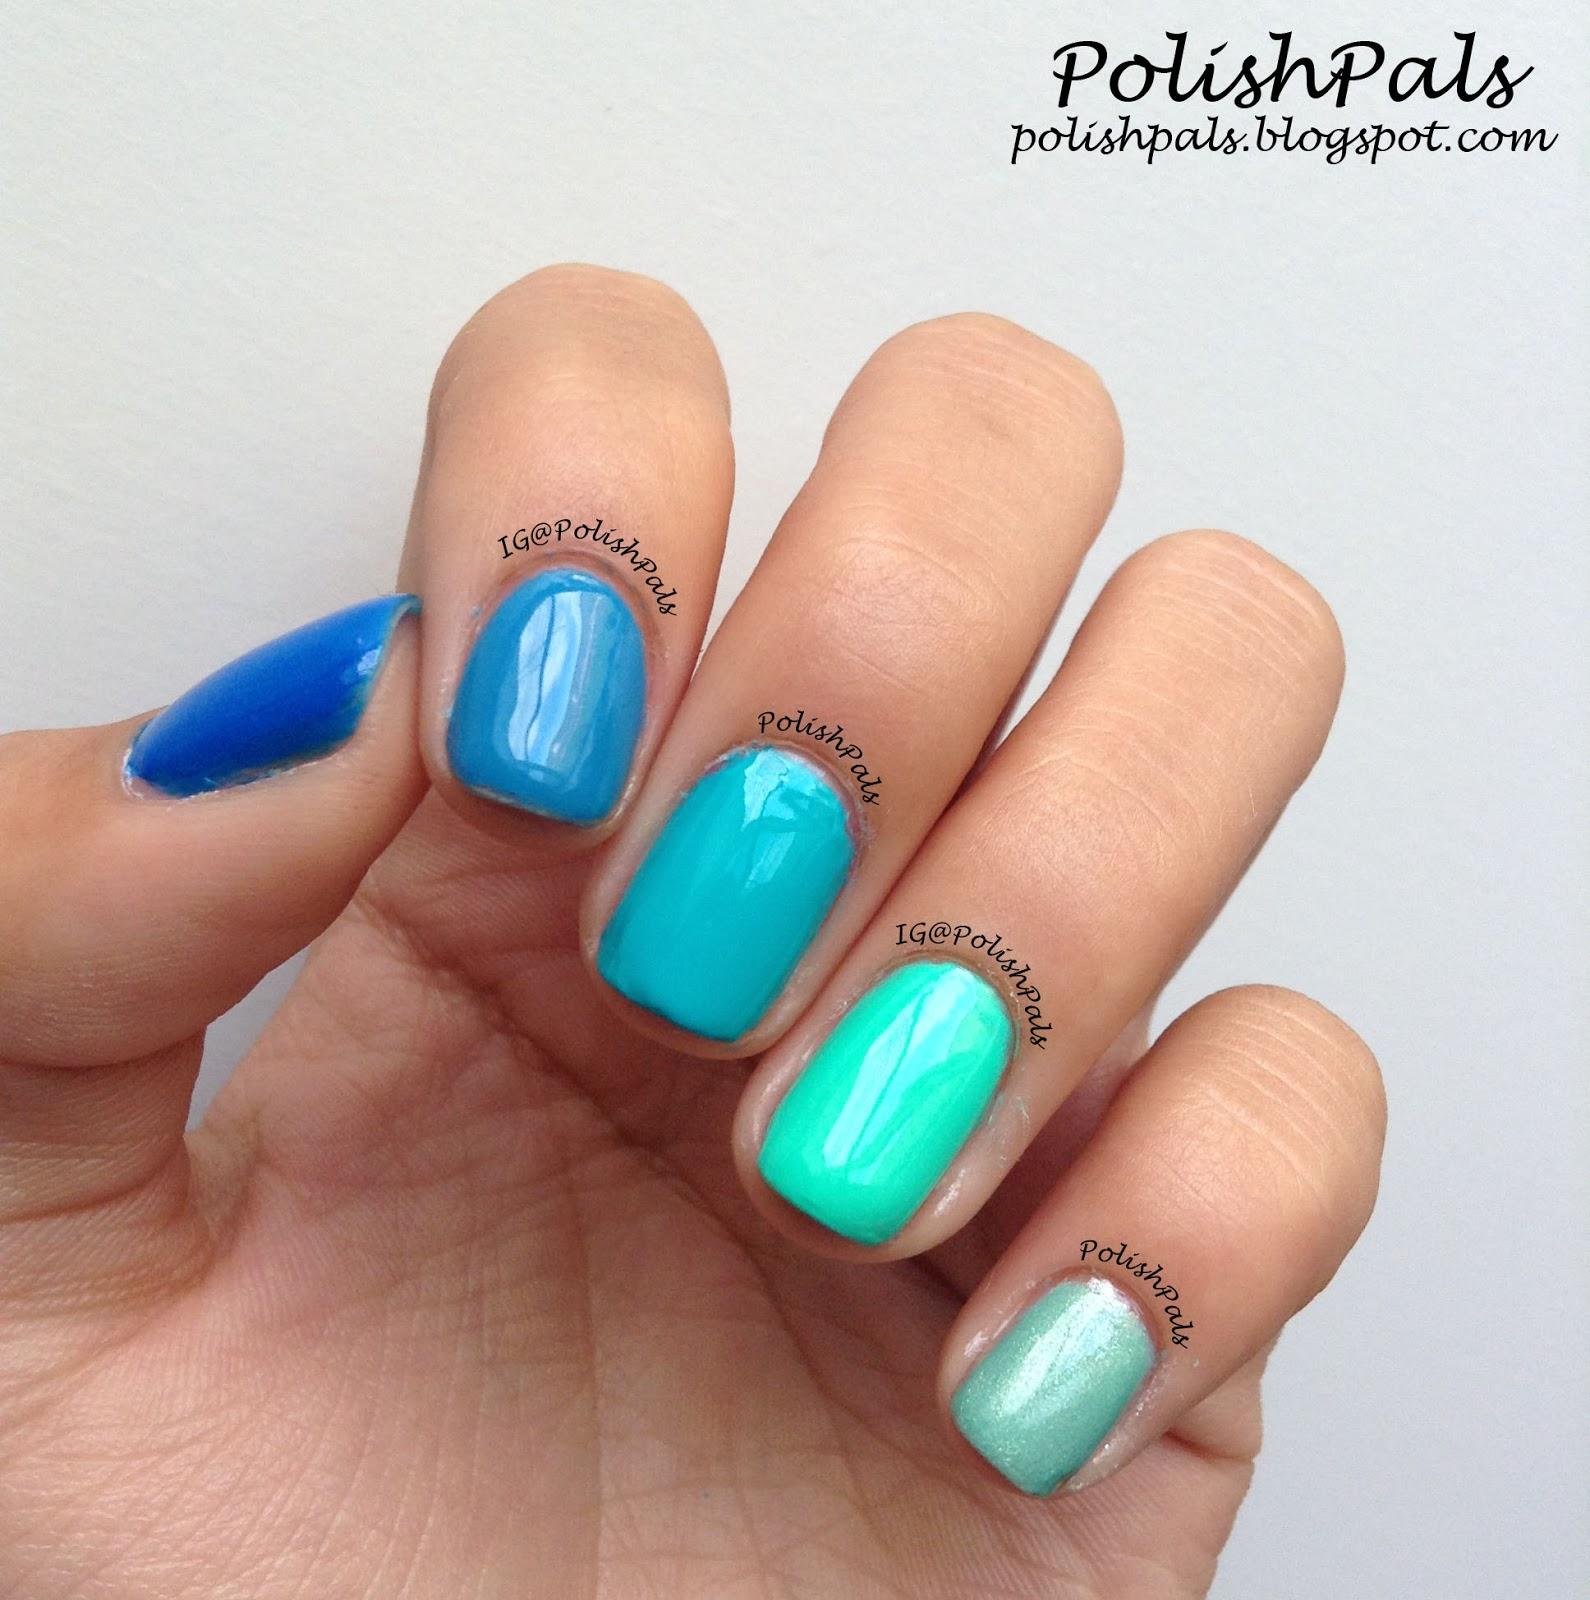 Polish Pals: Ombre Nails